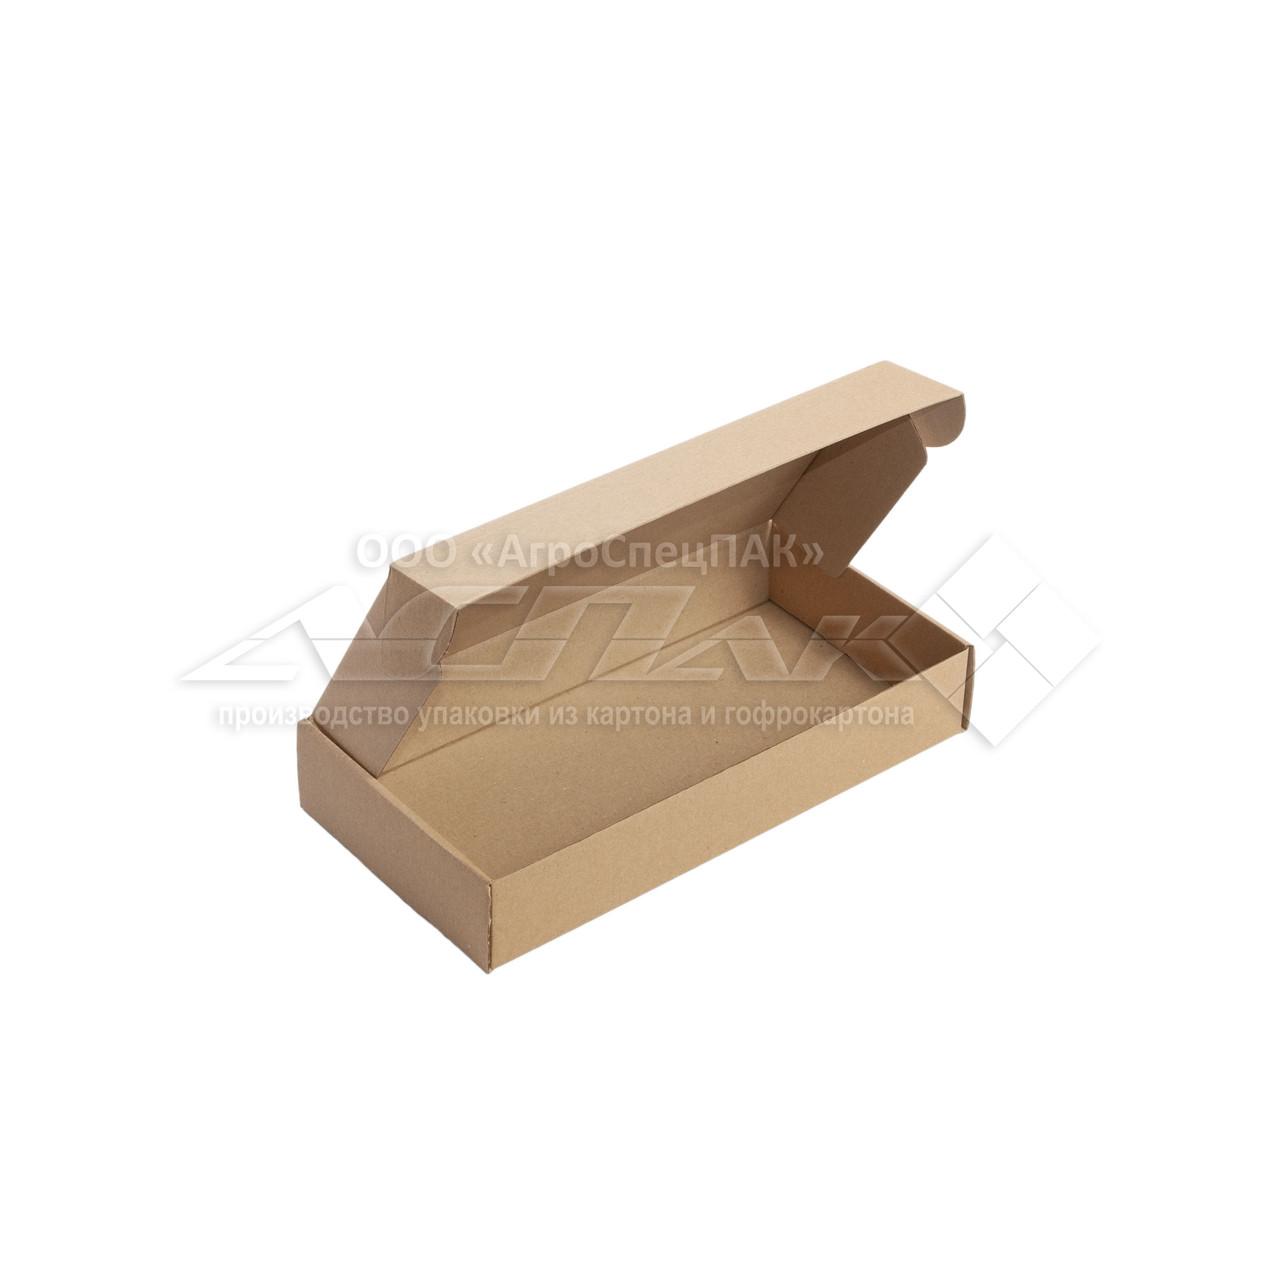 Картонные коробки 303*153*53 бурые - фото 3